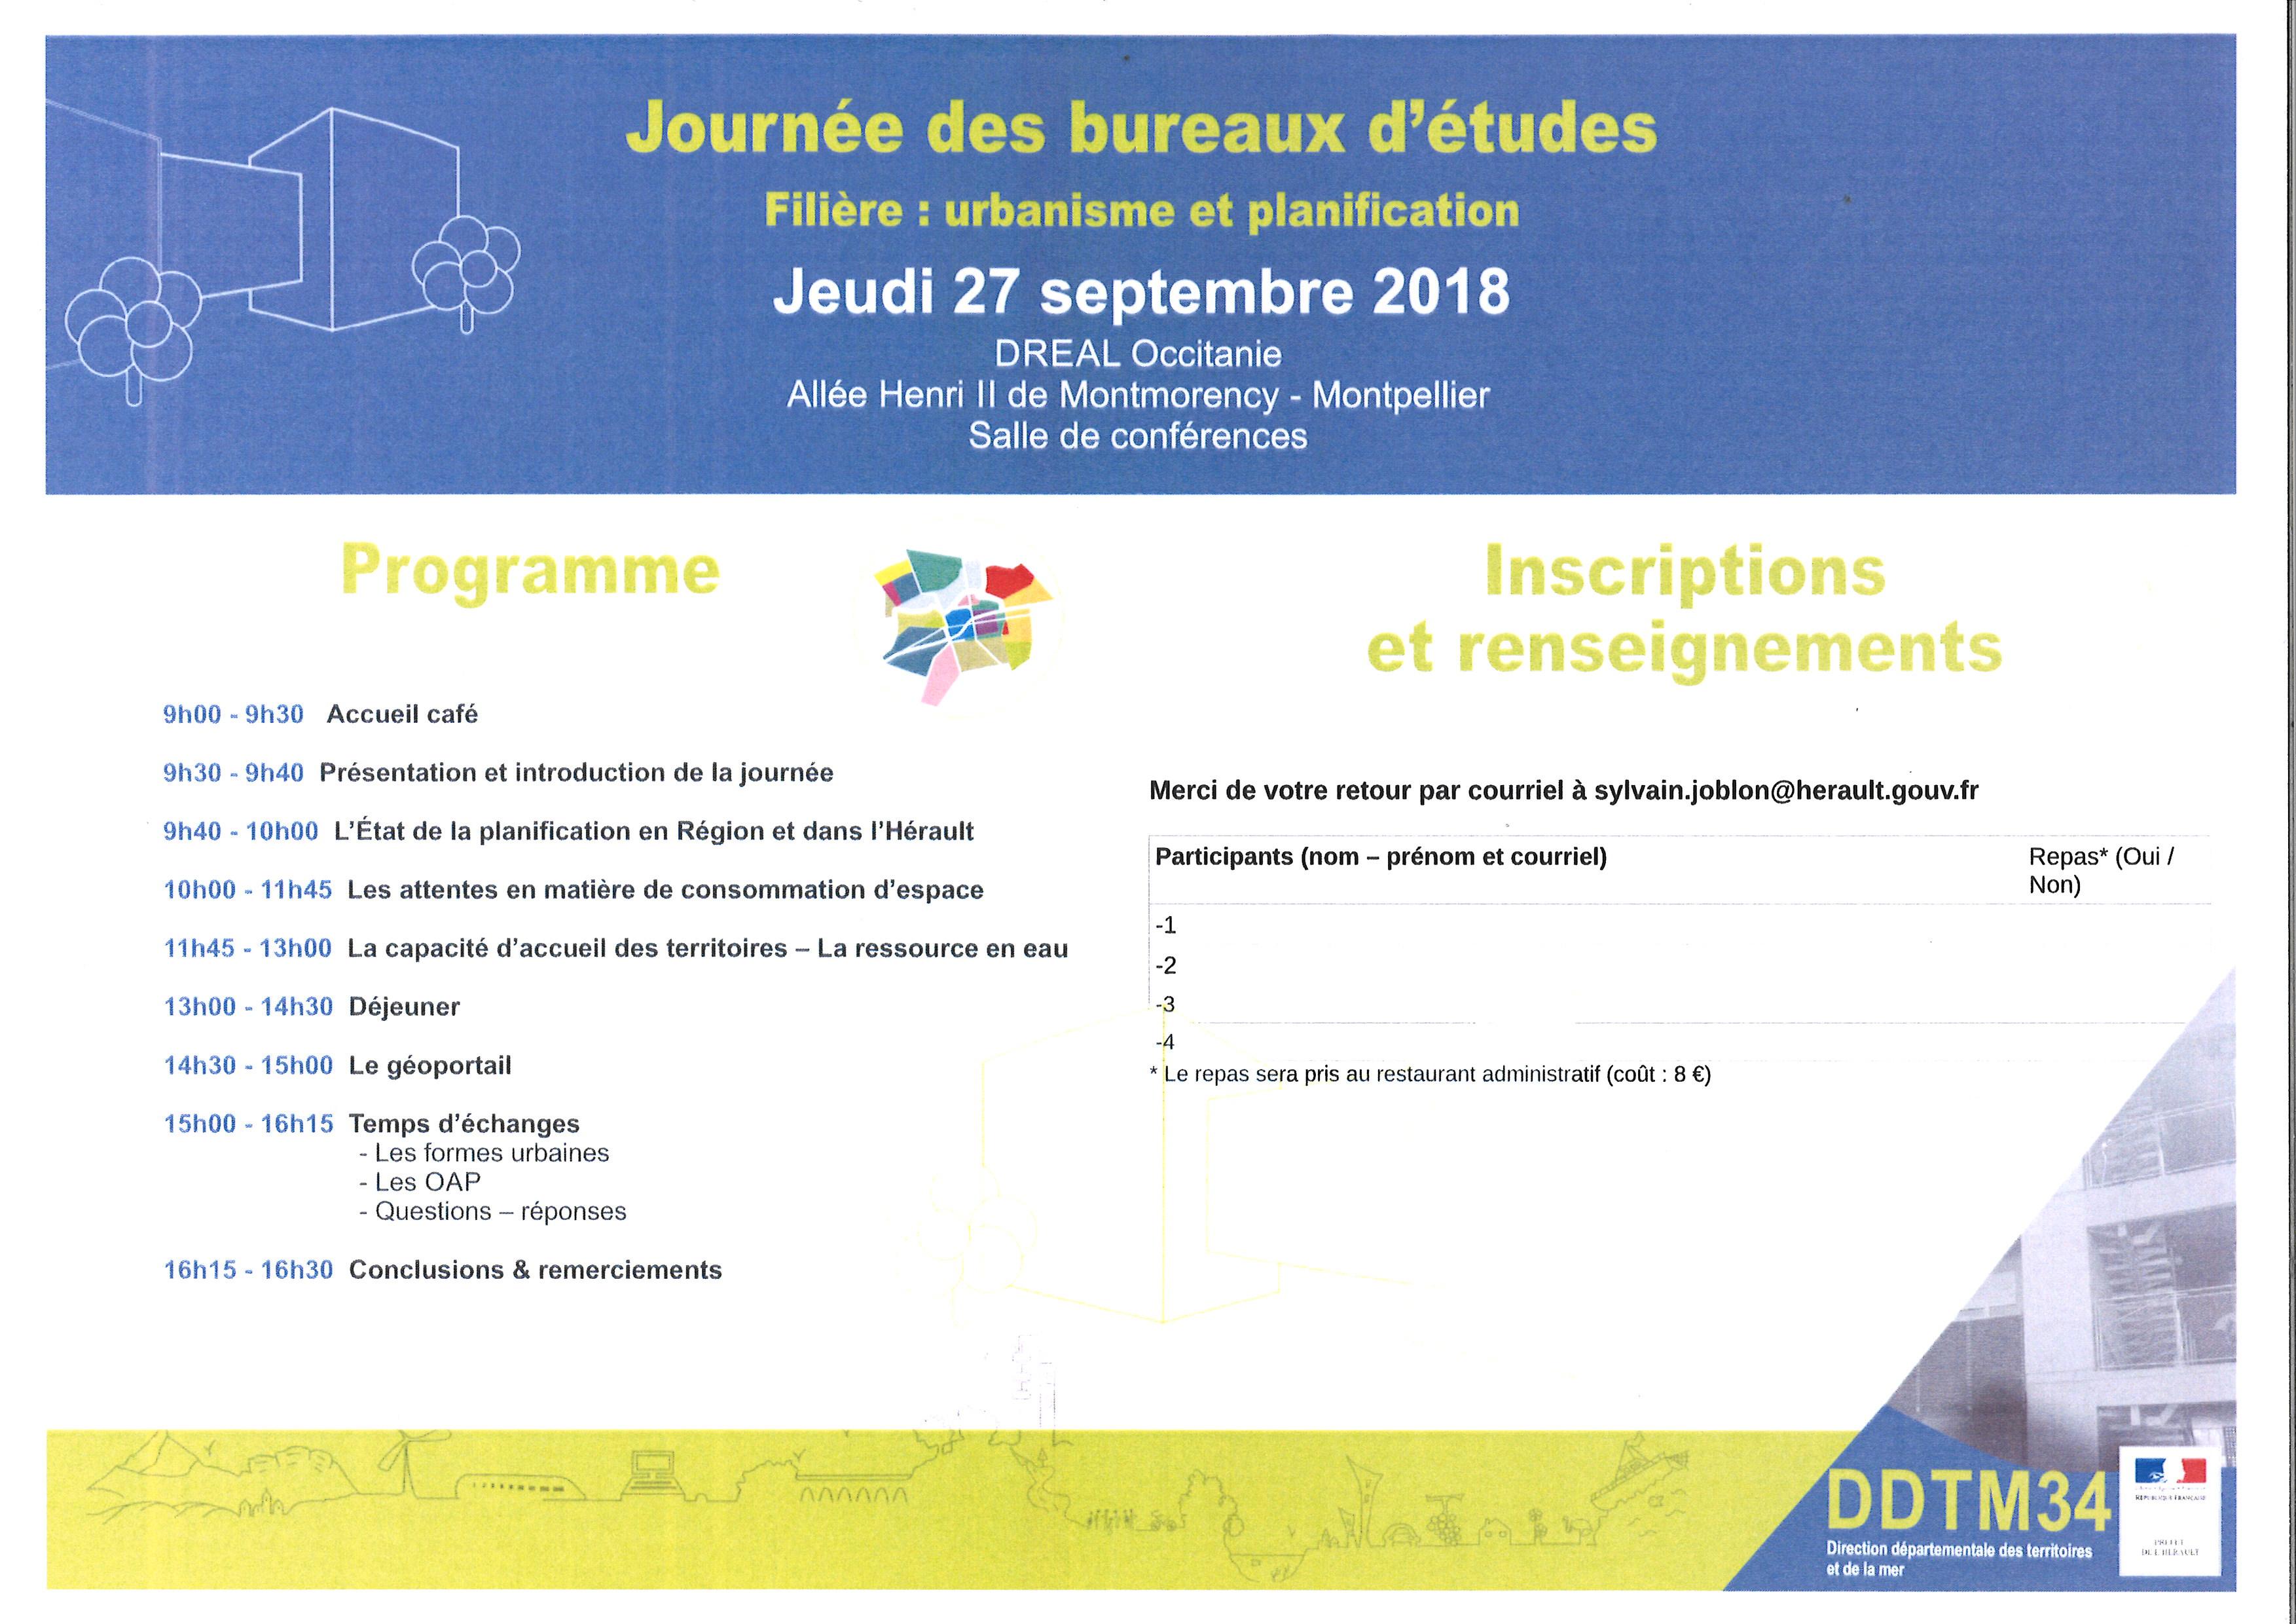 journee_des_bureaux_detudes.jpg